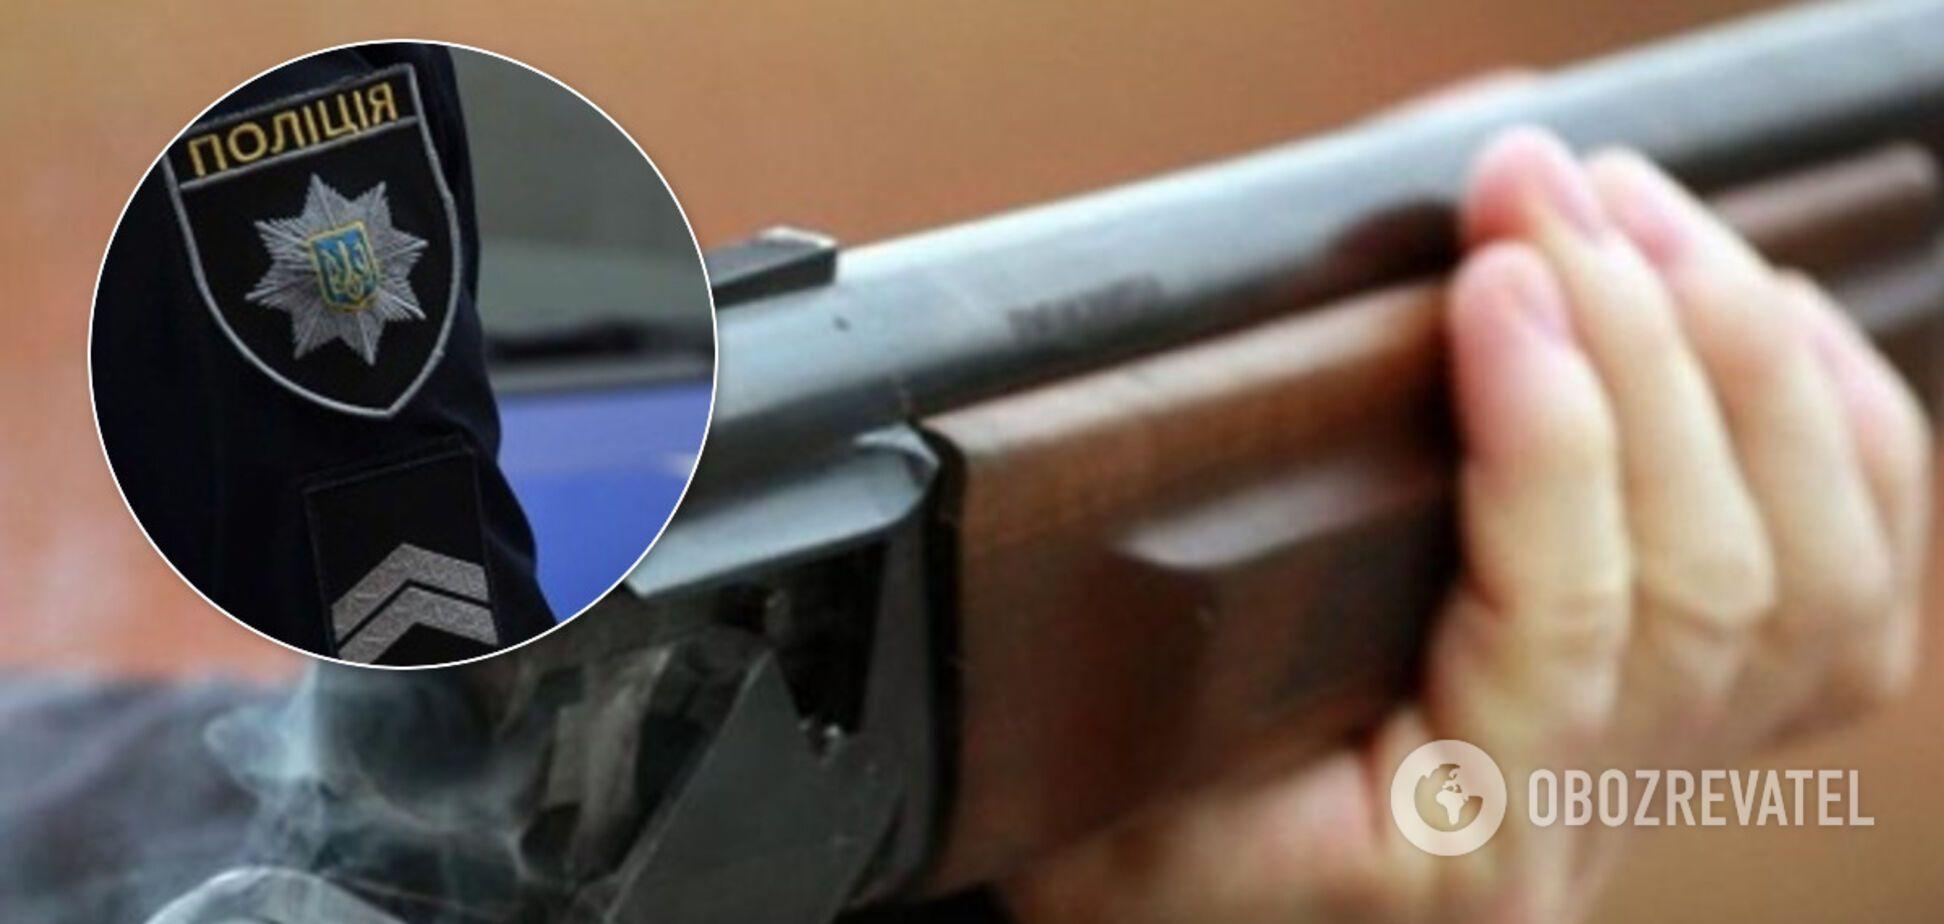 На Львовщине мужчина прострелил голову экс-парню своей дочери: детали трагедии